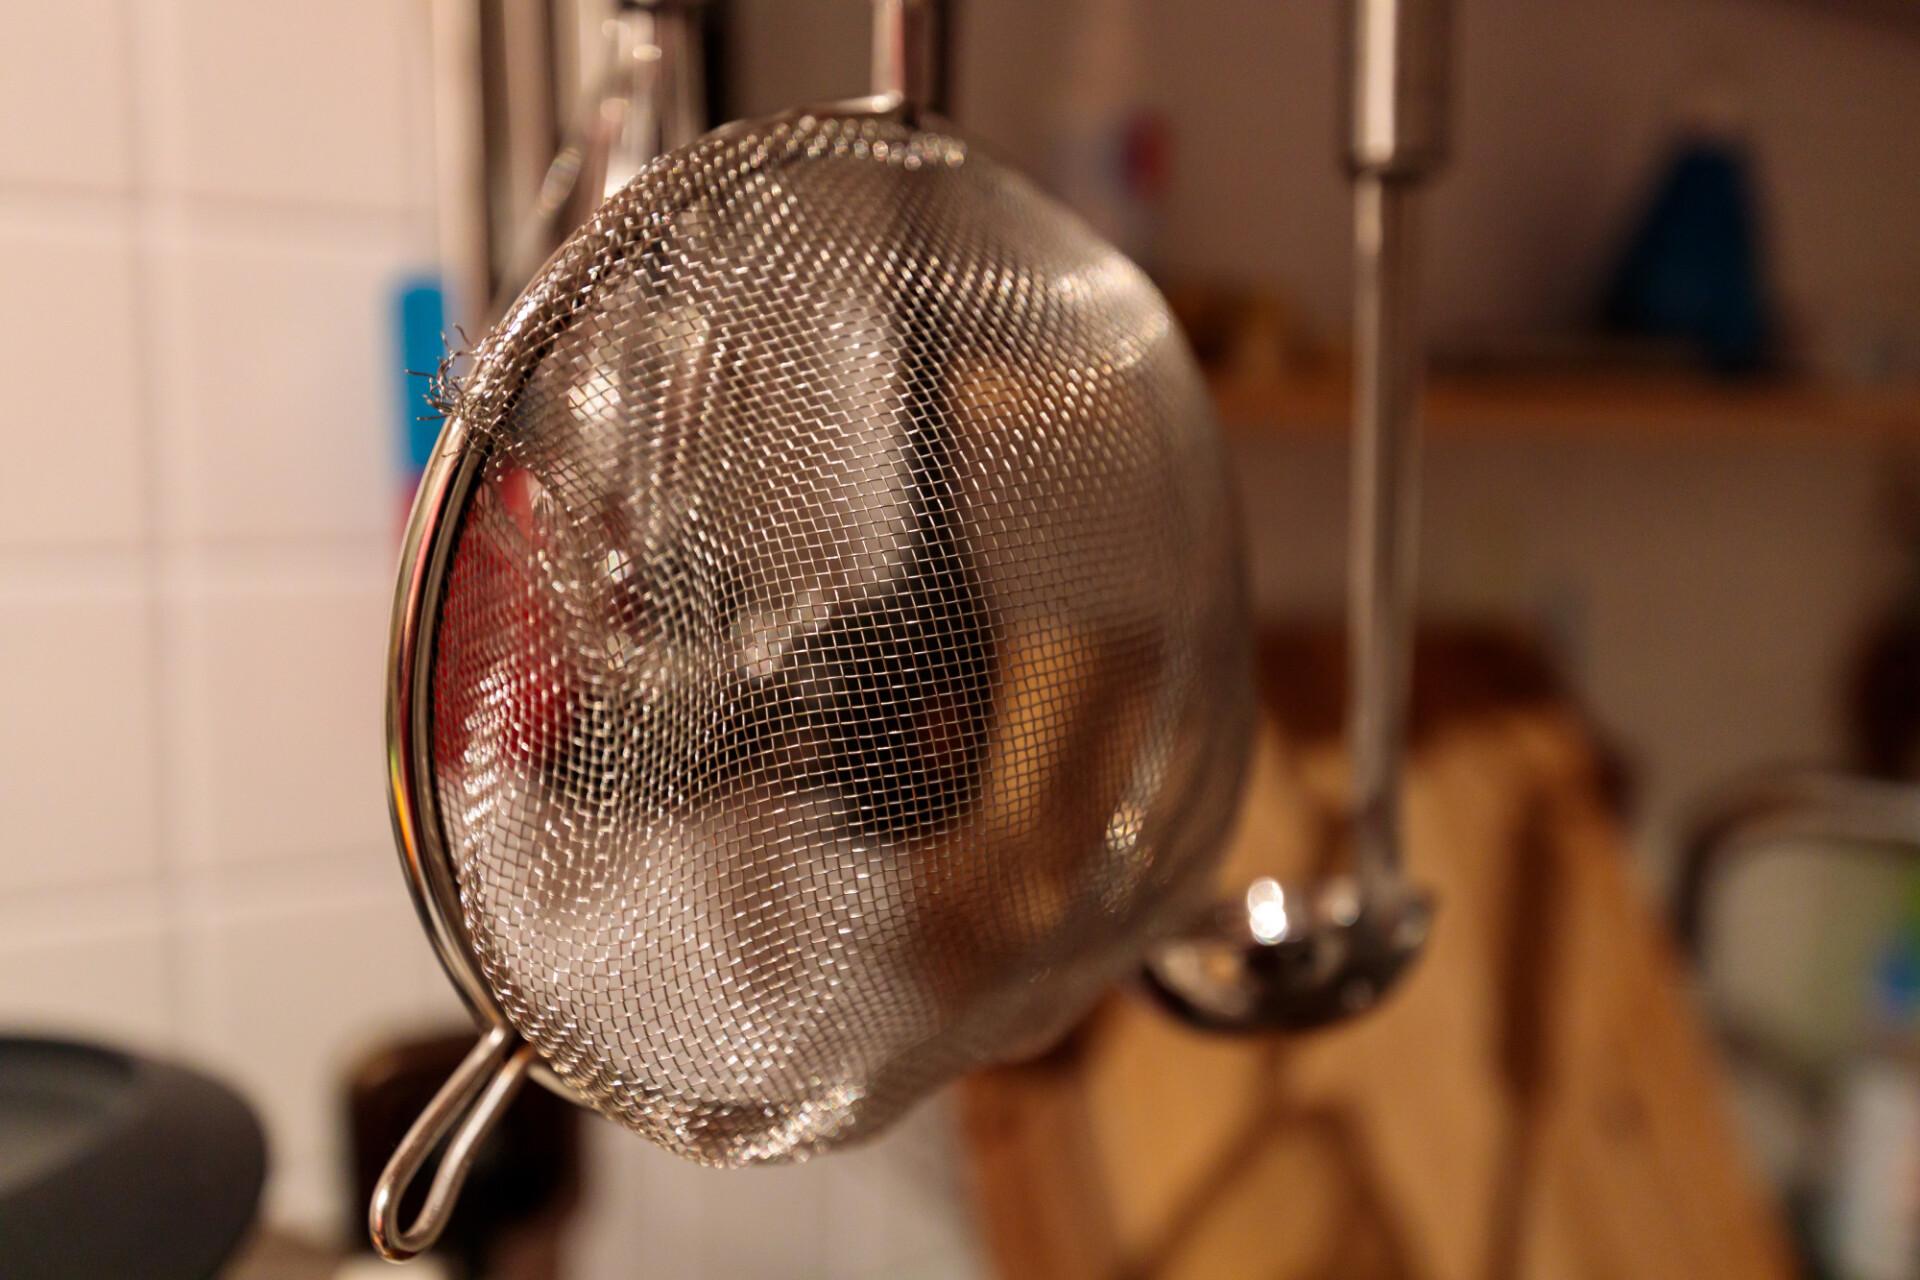 Kitchen colander hanging over the sink